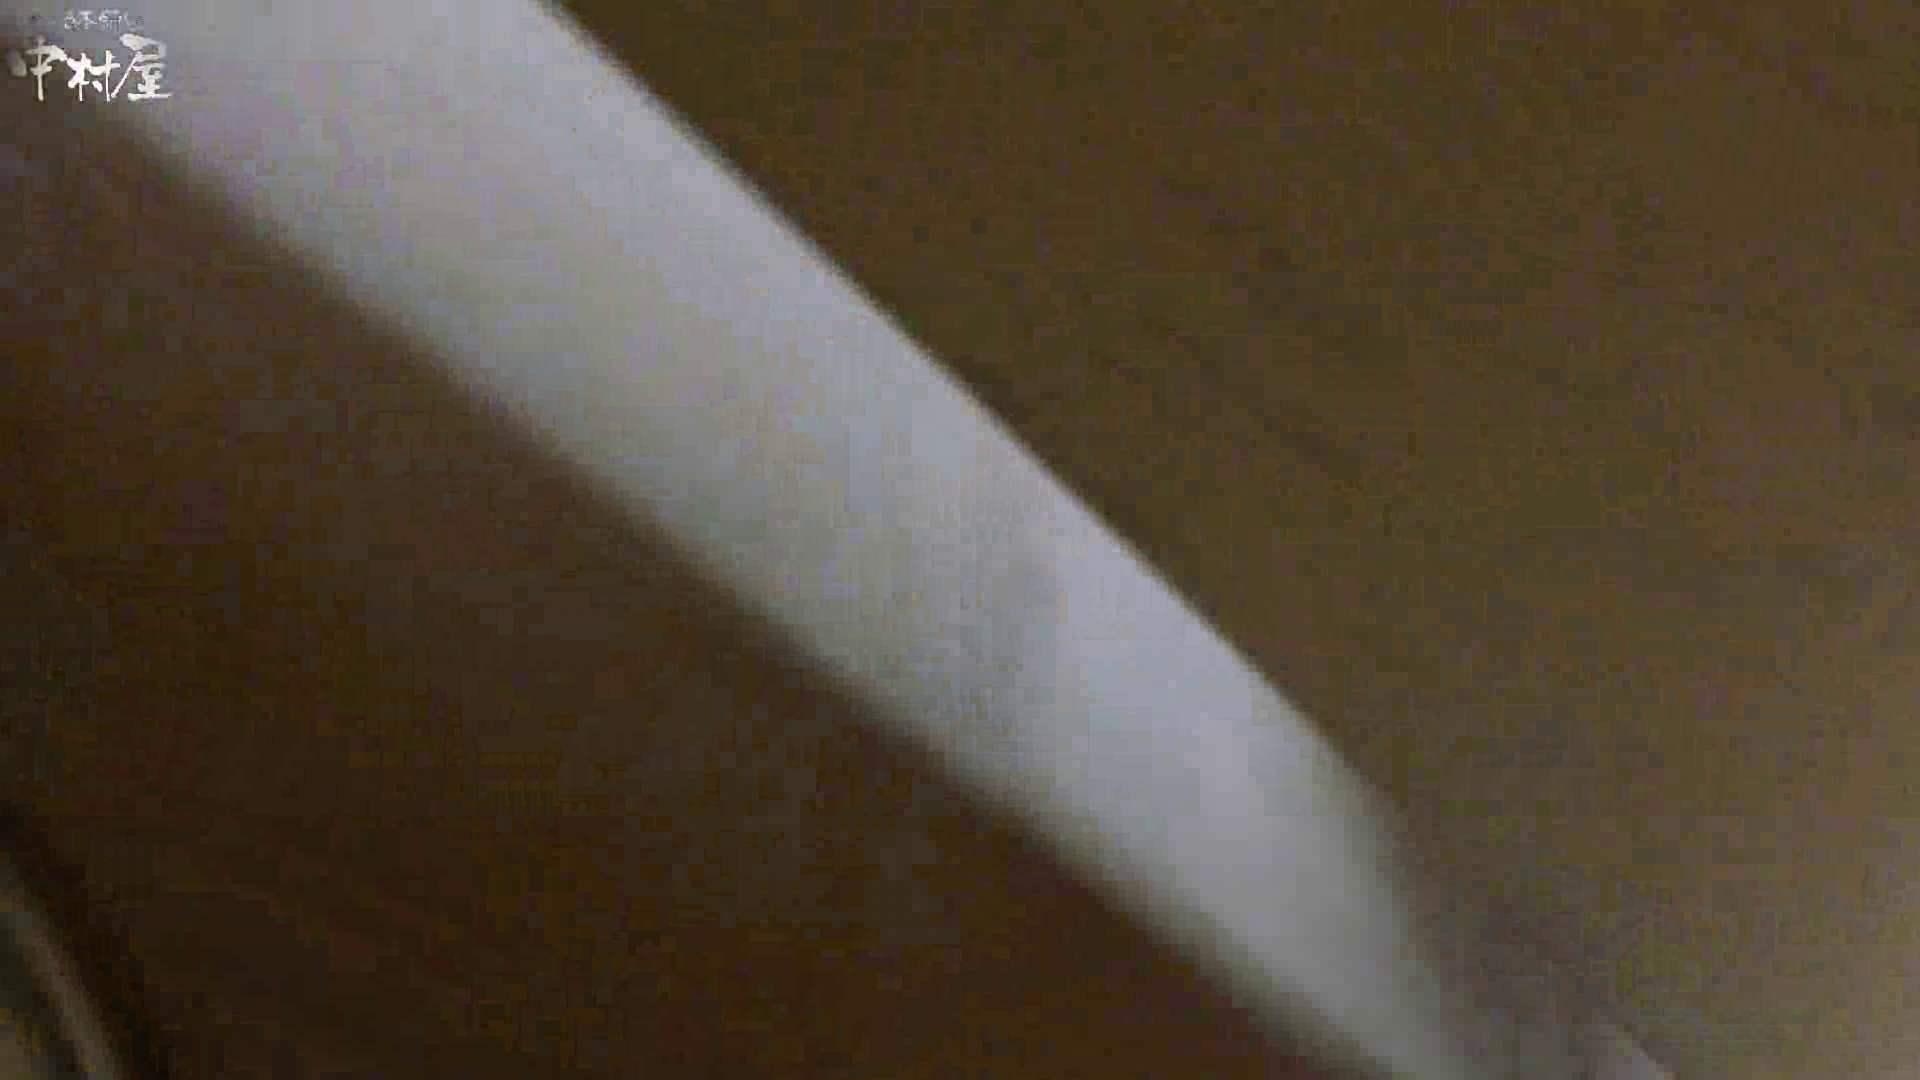 部活女子トイレ潜入編vol.3 OLすけべ画像 隠し撮りオマンコ動画紹介 37連発 12